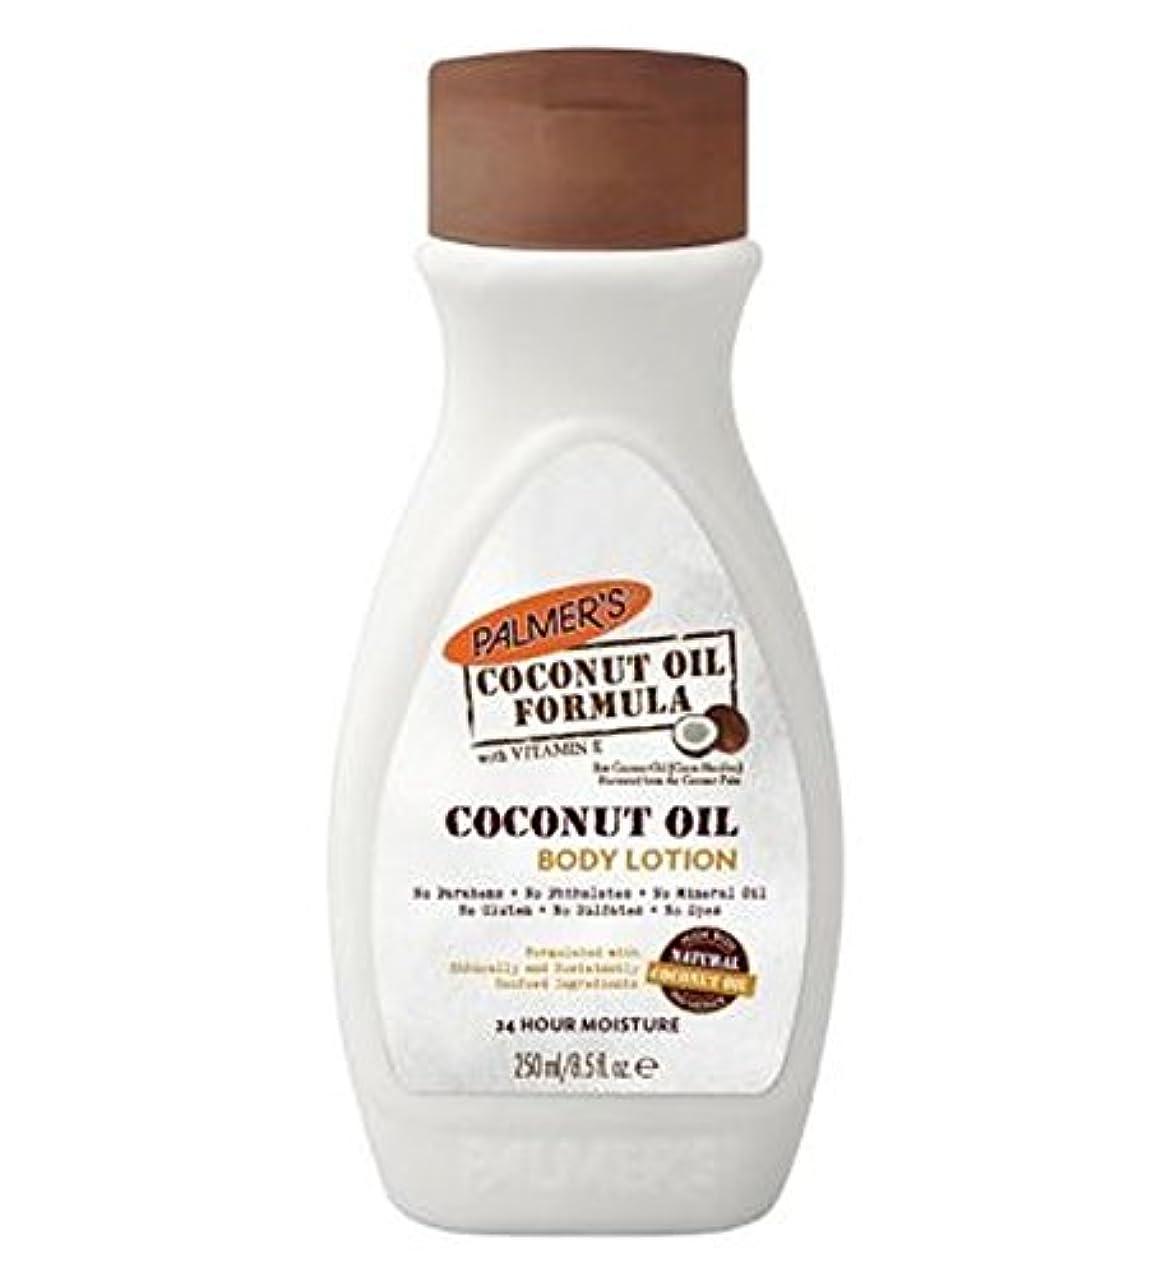 靴パシフィック有毒なパーマーのココナッツオイル式ボディローション250ミリリットル (Palmer's) (x2) - Palmer's Coconut Oil Formula Body Lotion 250ml (Pack of 2) [並行輸入品]